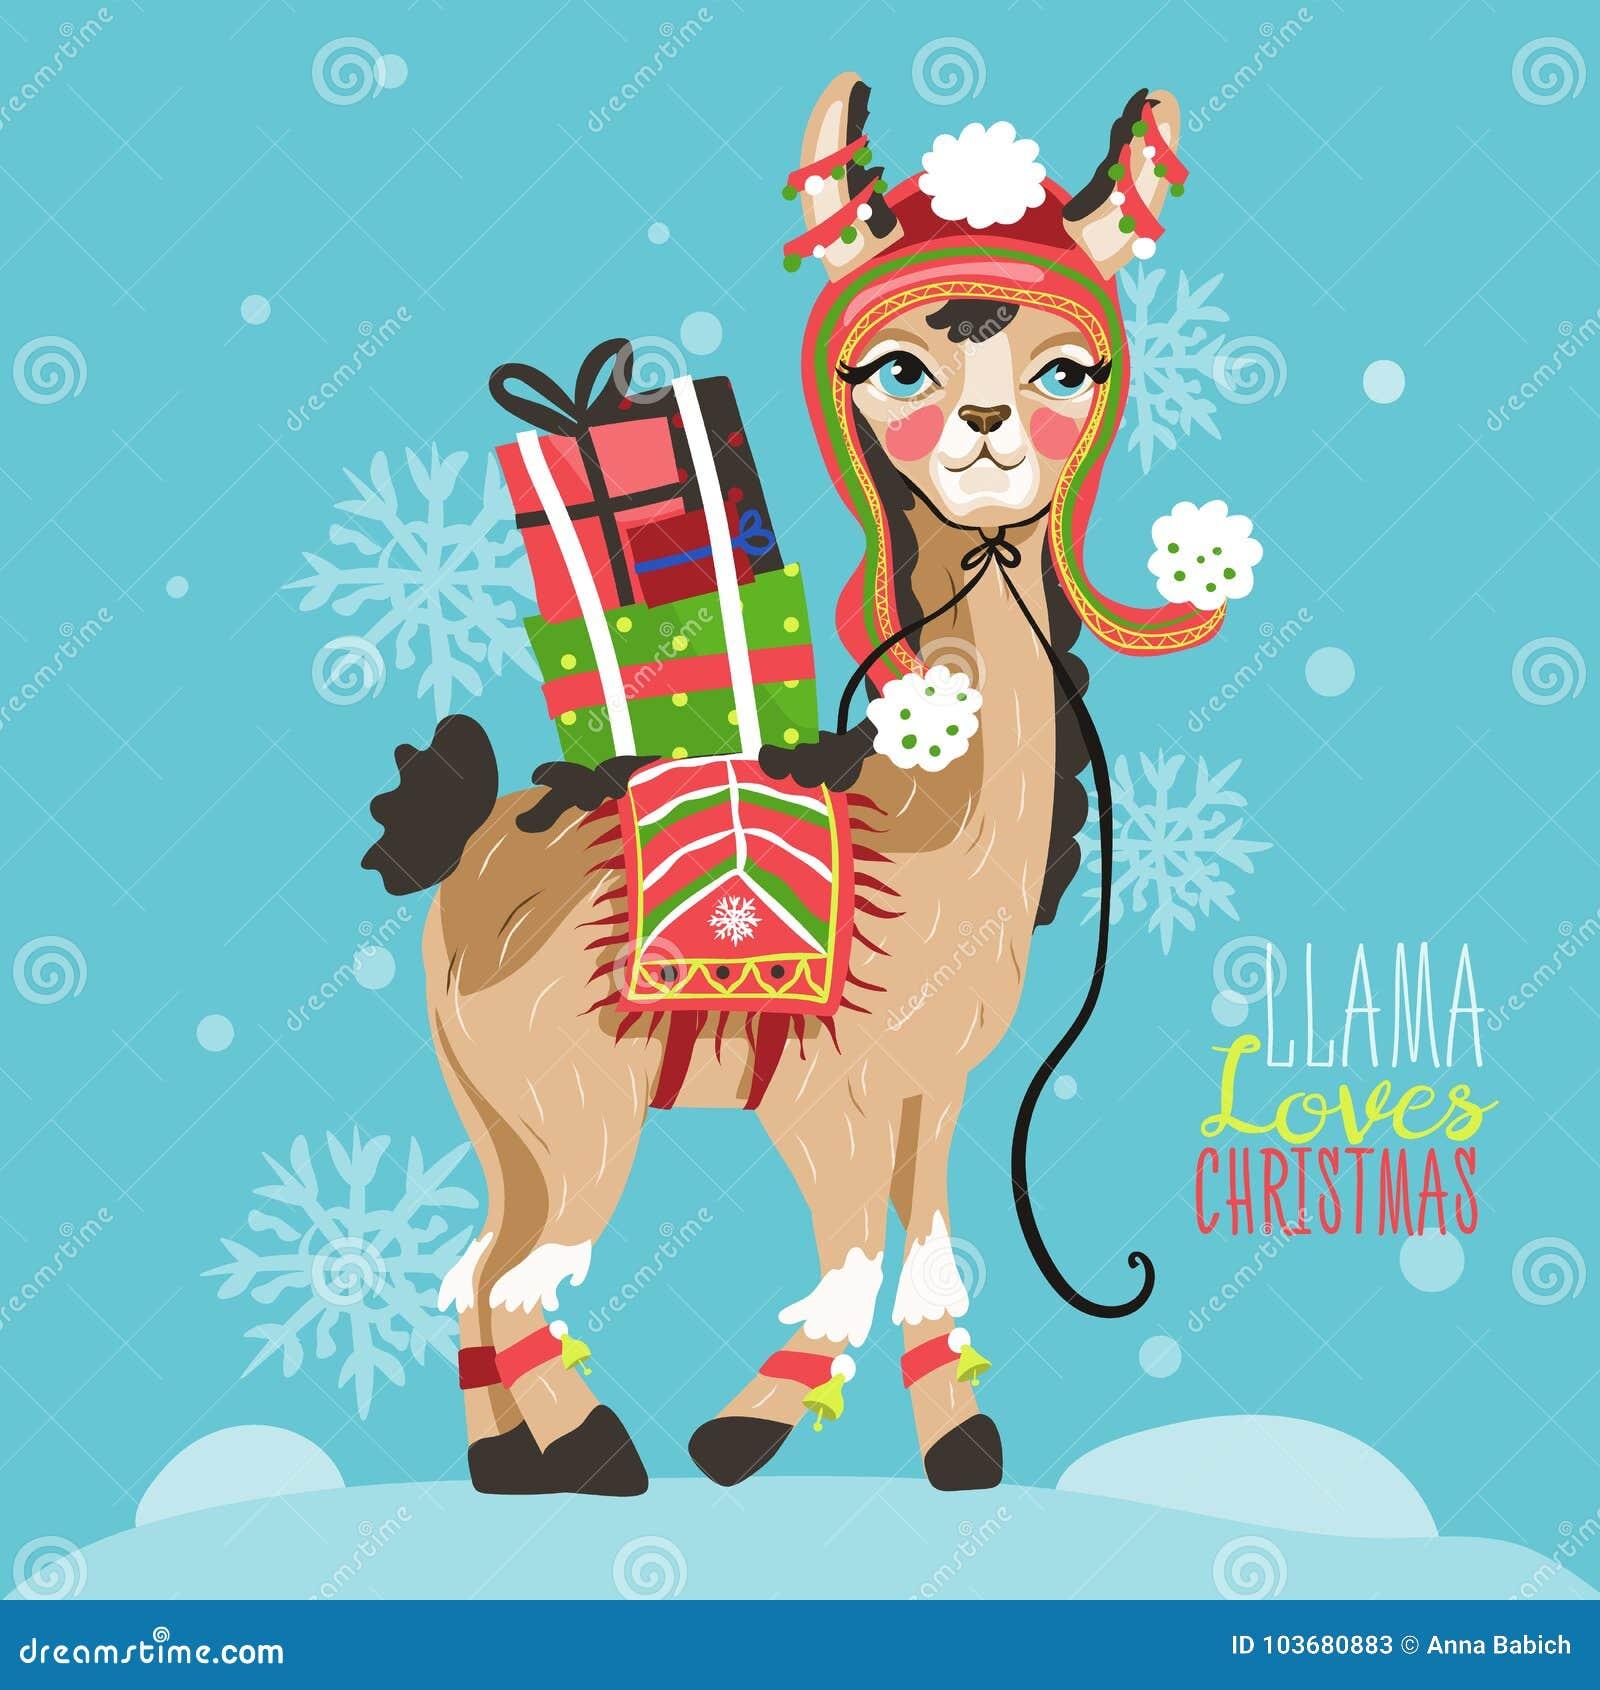 Foto Divertenti Di Buon Natale.Carta Divertente Di Buon Natale Con Il Lama Illustrazione Vettoriale